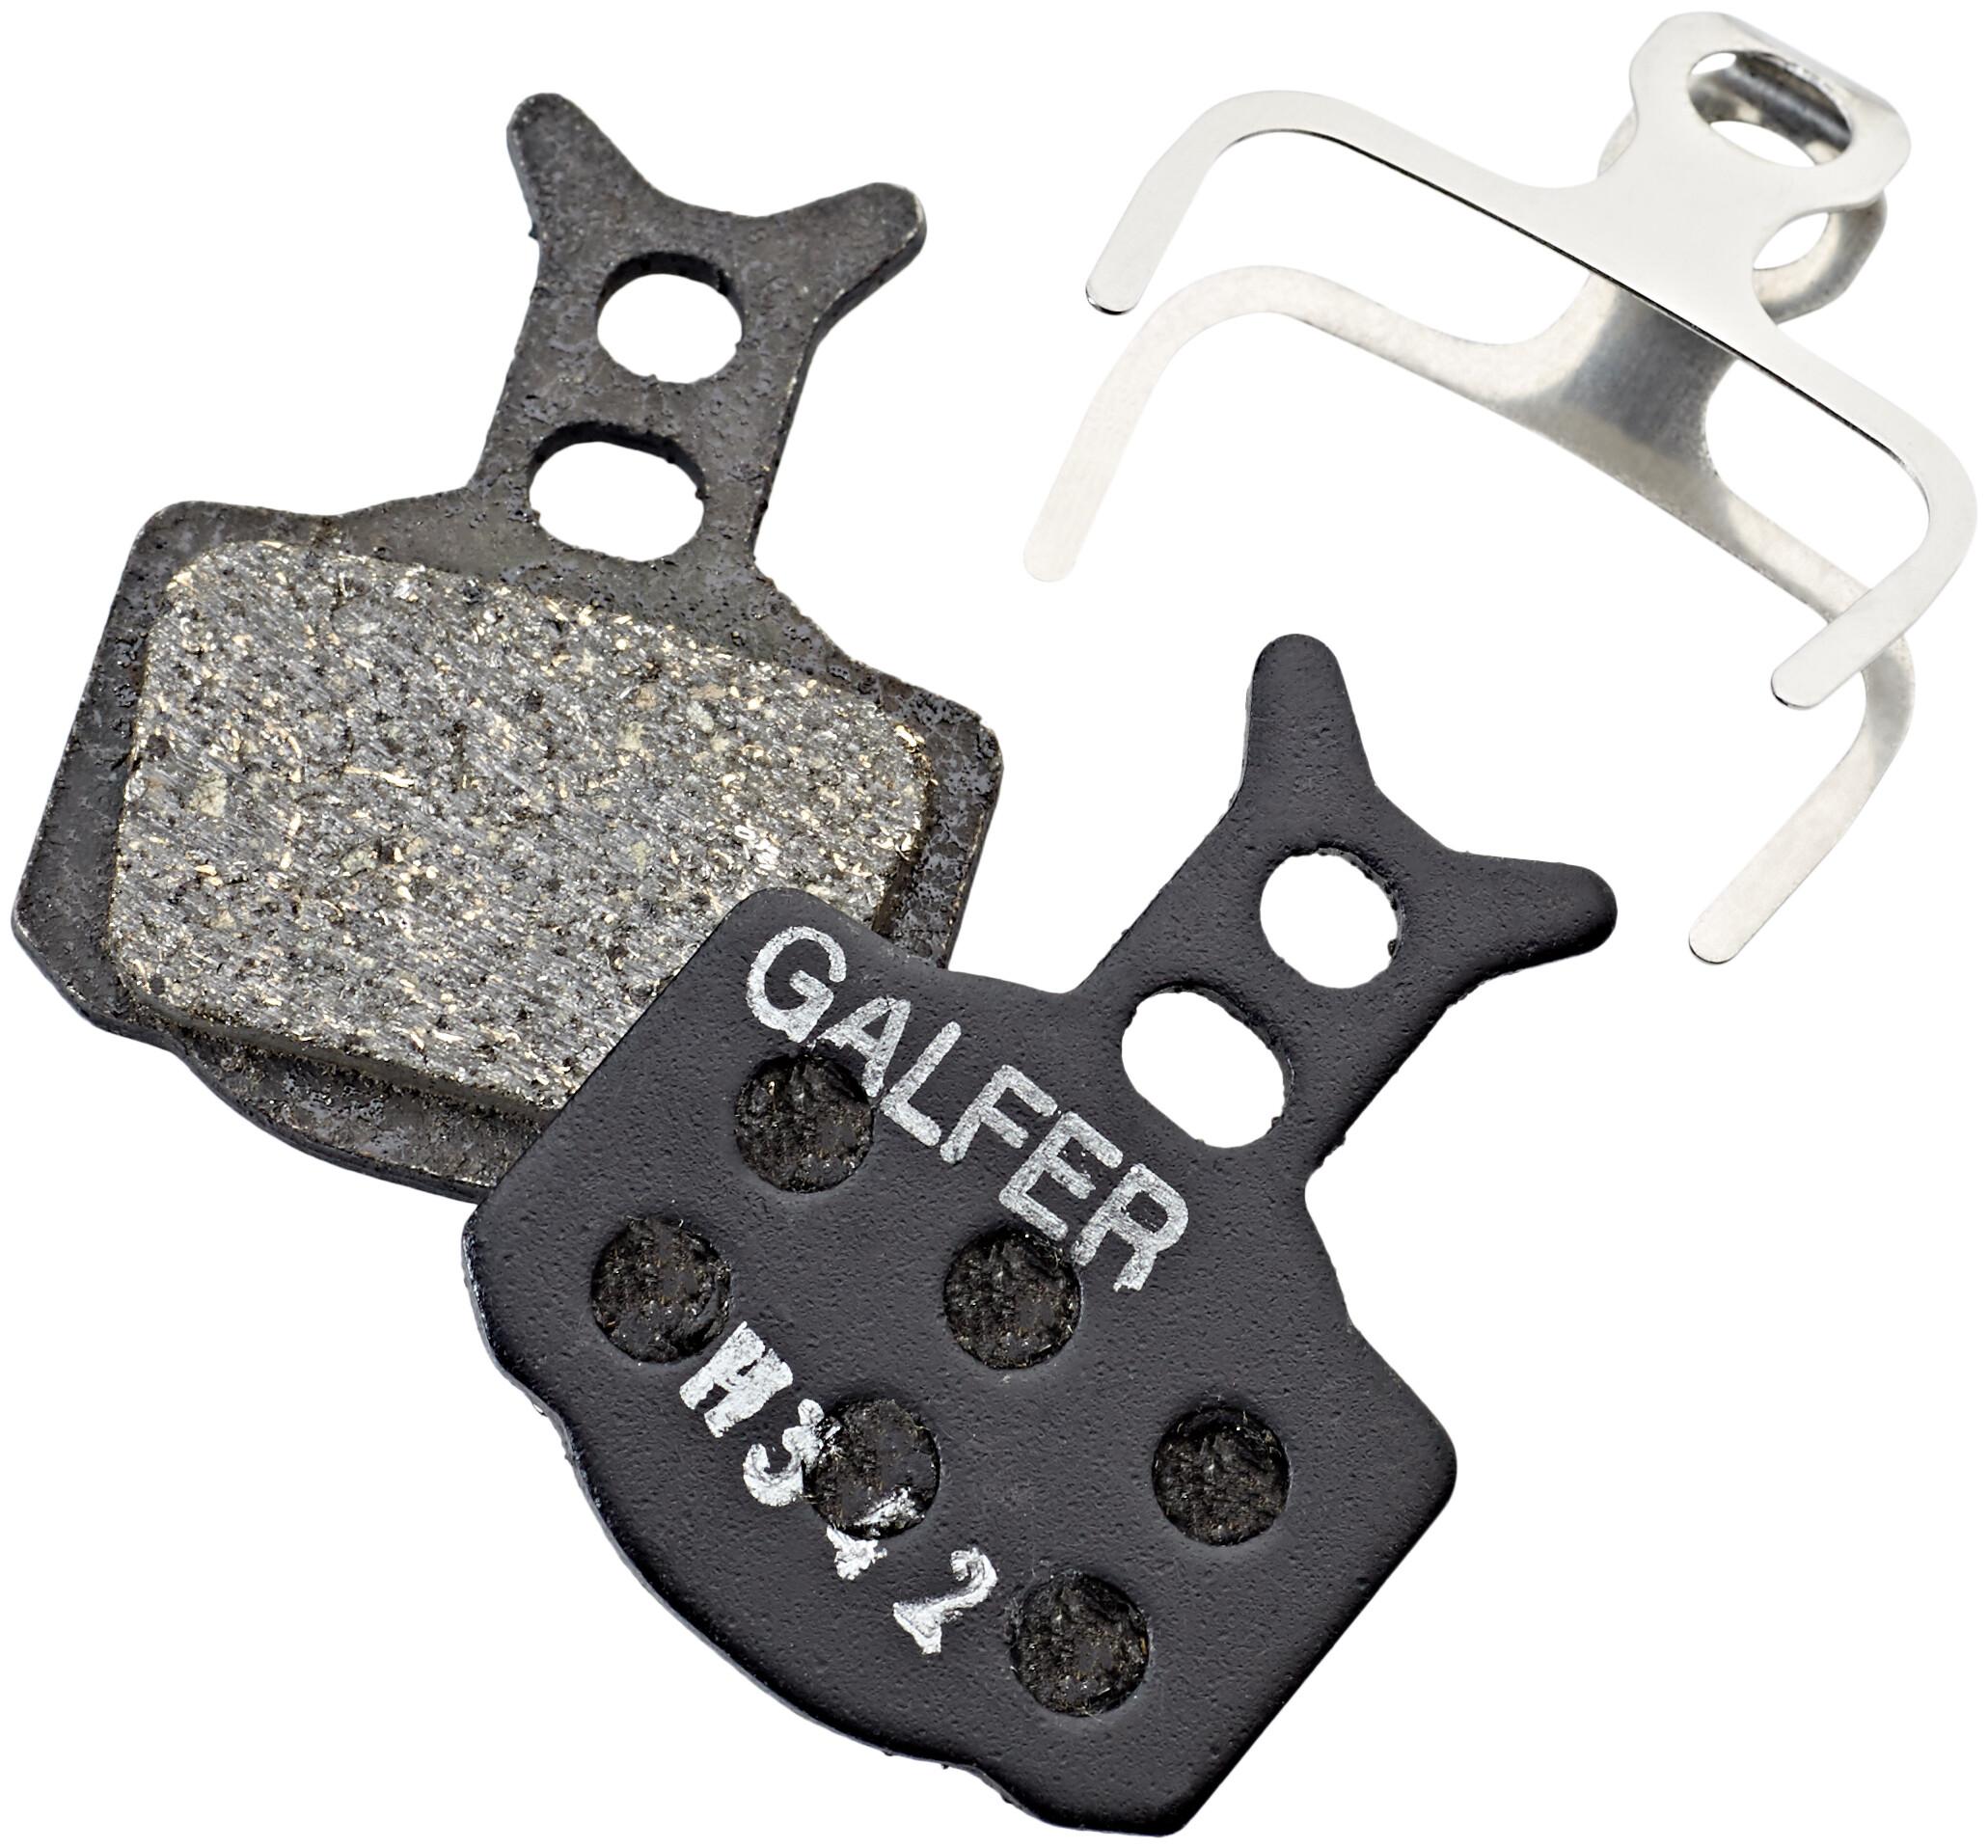 GALFER BIKE Standard Bremsebelægninger, formula mega,the one,r0. r1,rx,rr1,t1,c1 (2019)   Brake pads